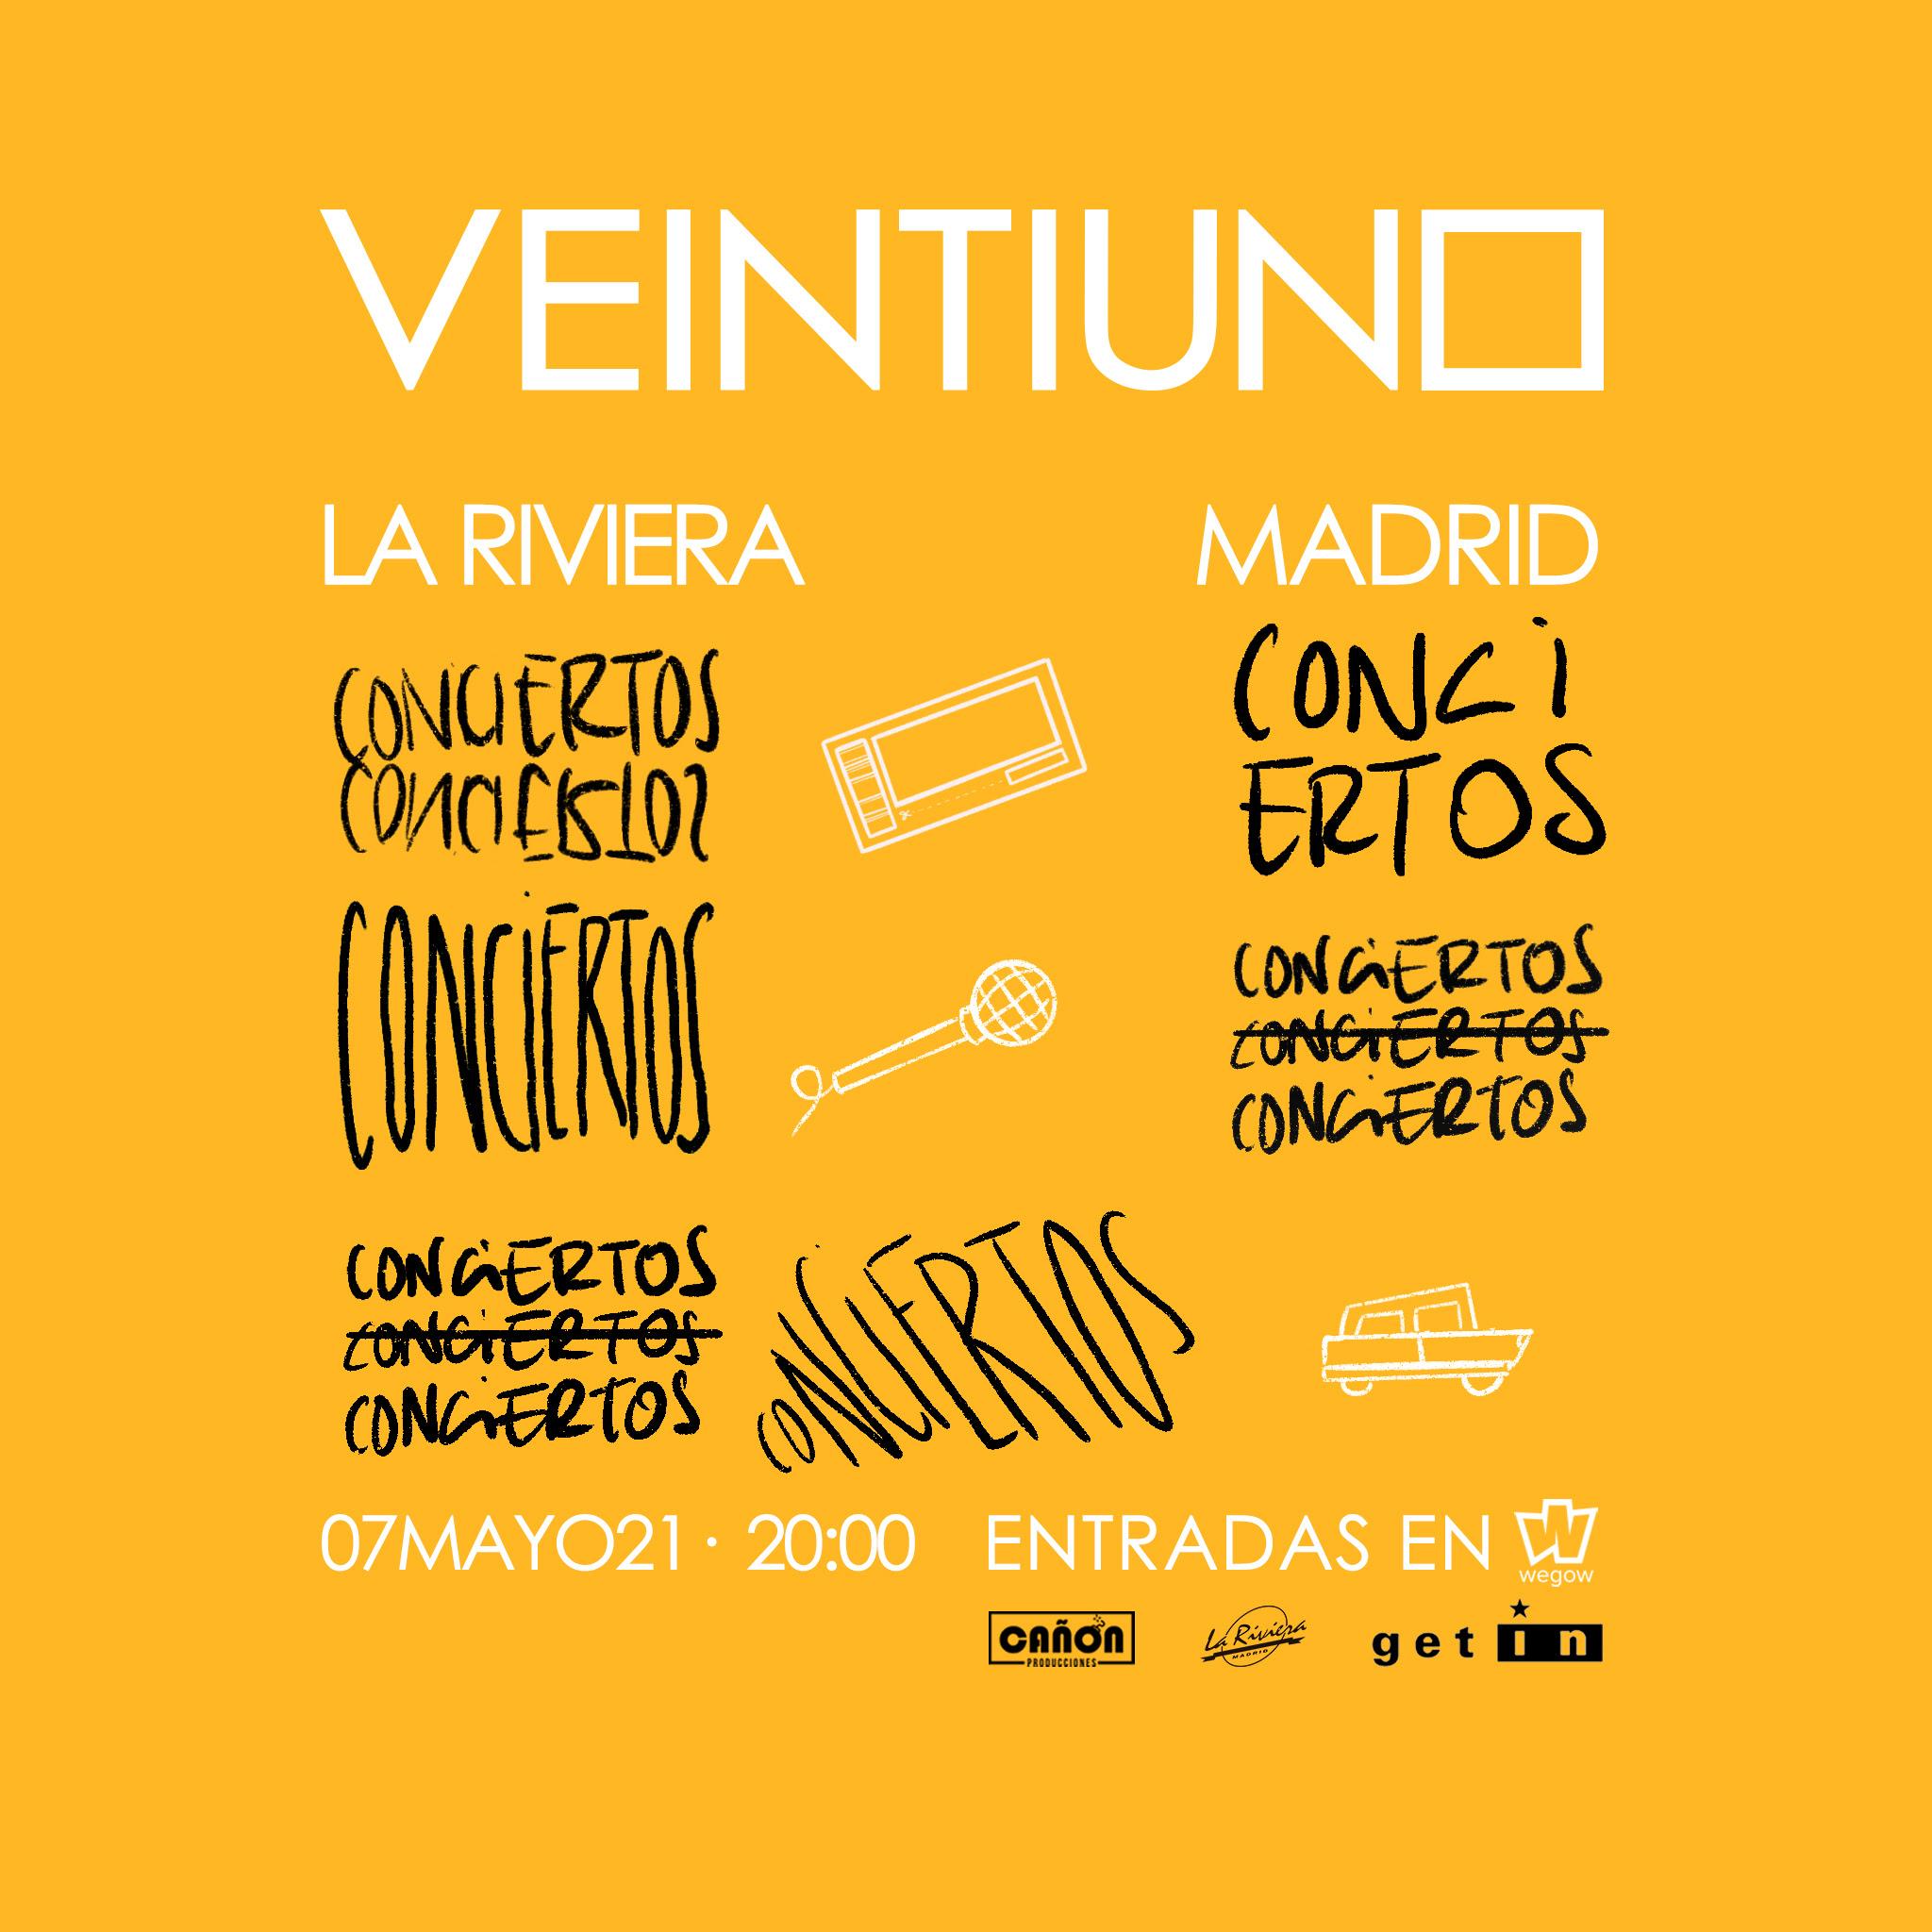 Cartel del concierto de VEINTIUNO en La Riviera. Fuente Wegow